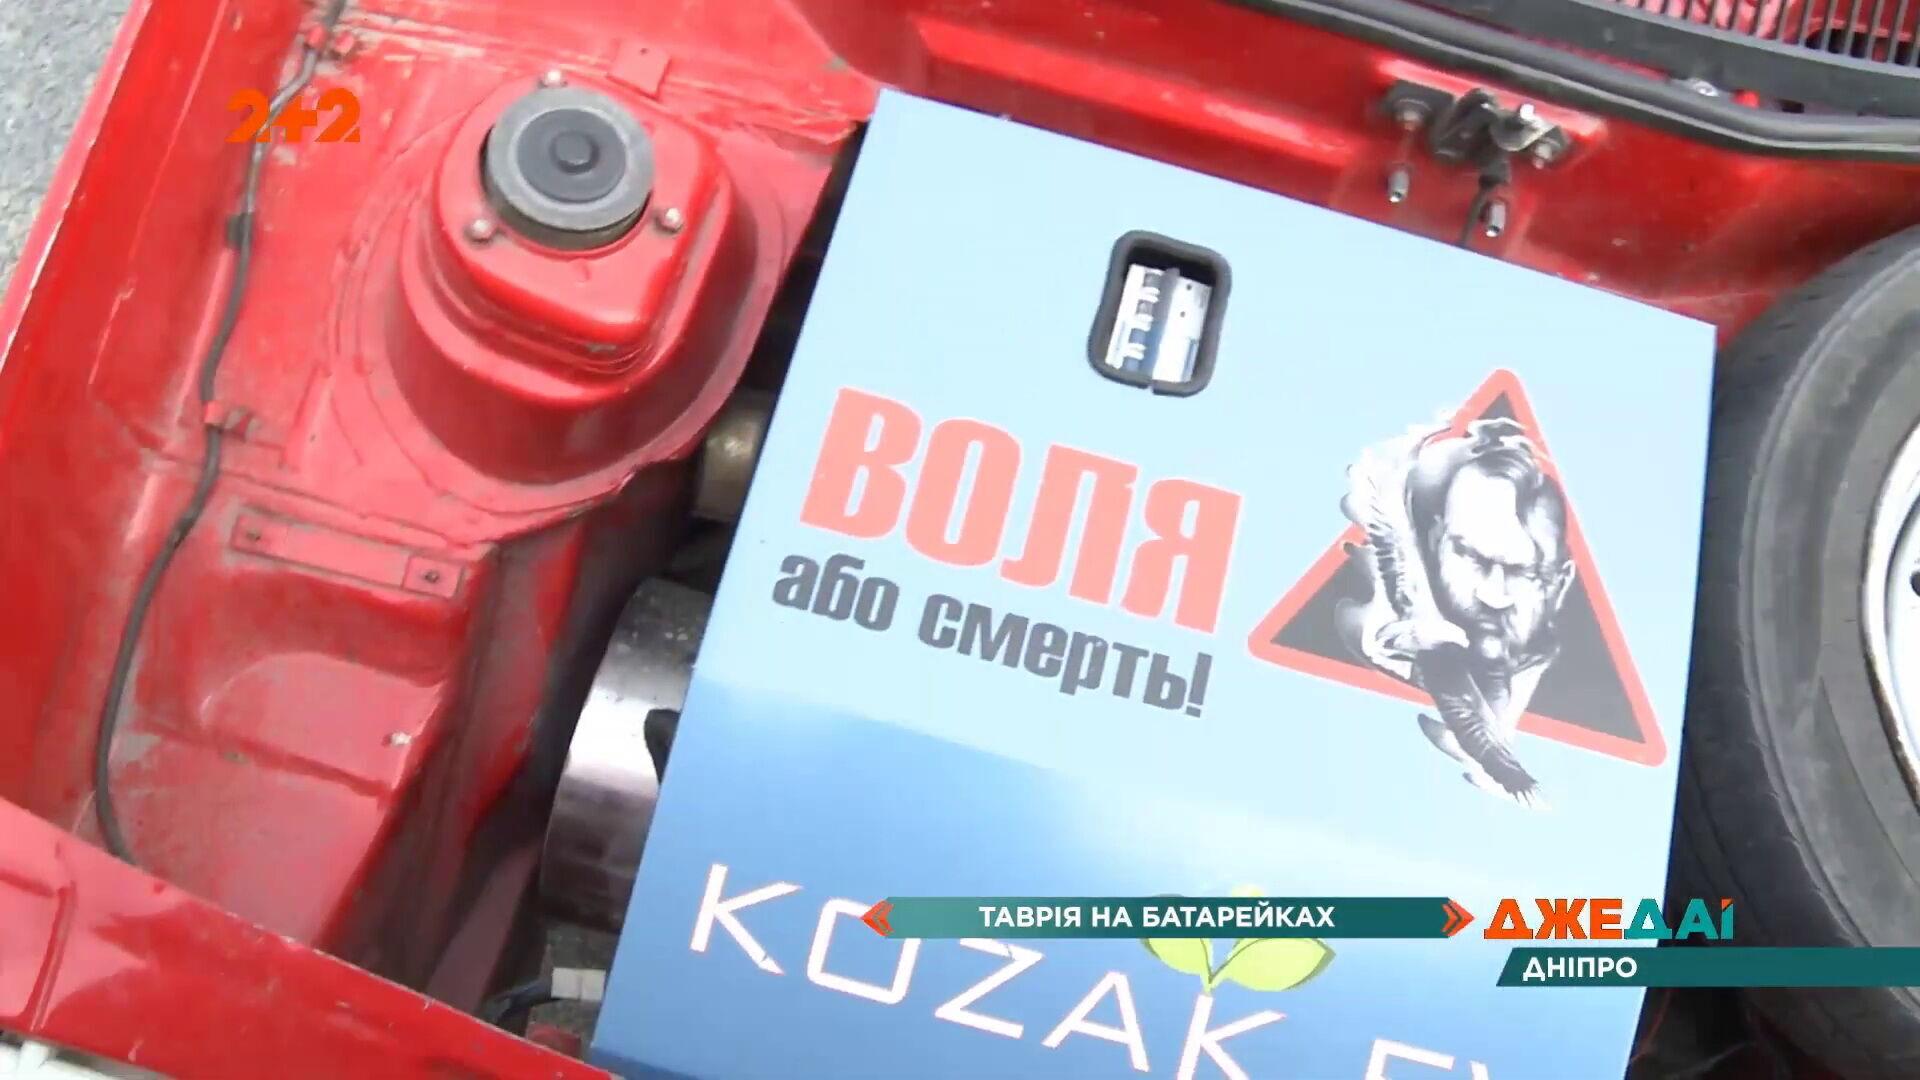 Под капотом электромобиля Kozak разместили блок управления, зарядную станцию, контроллер и преобразователь на 12 вольт